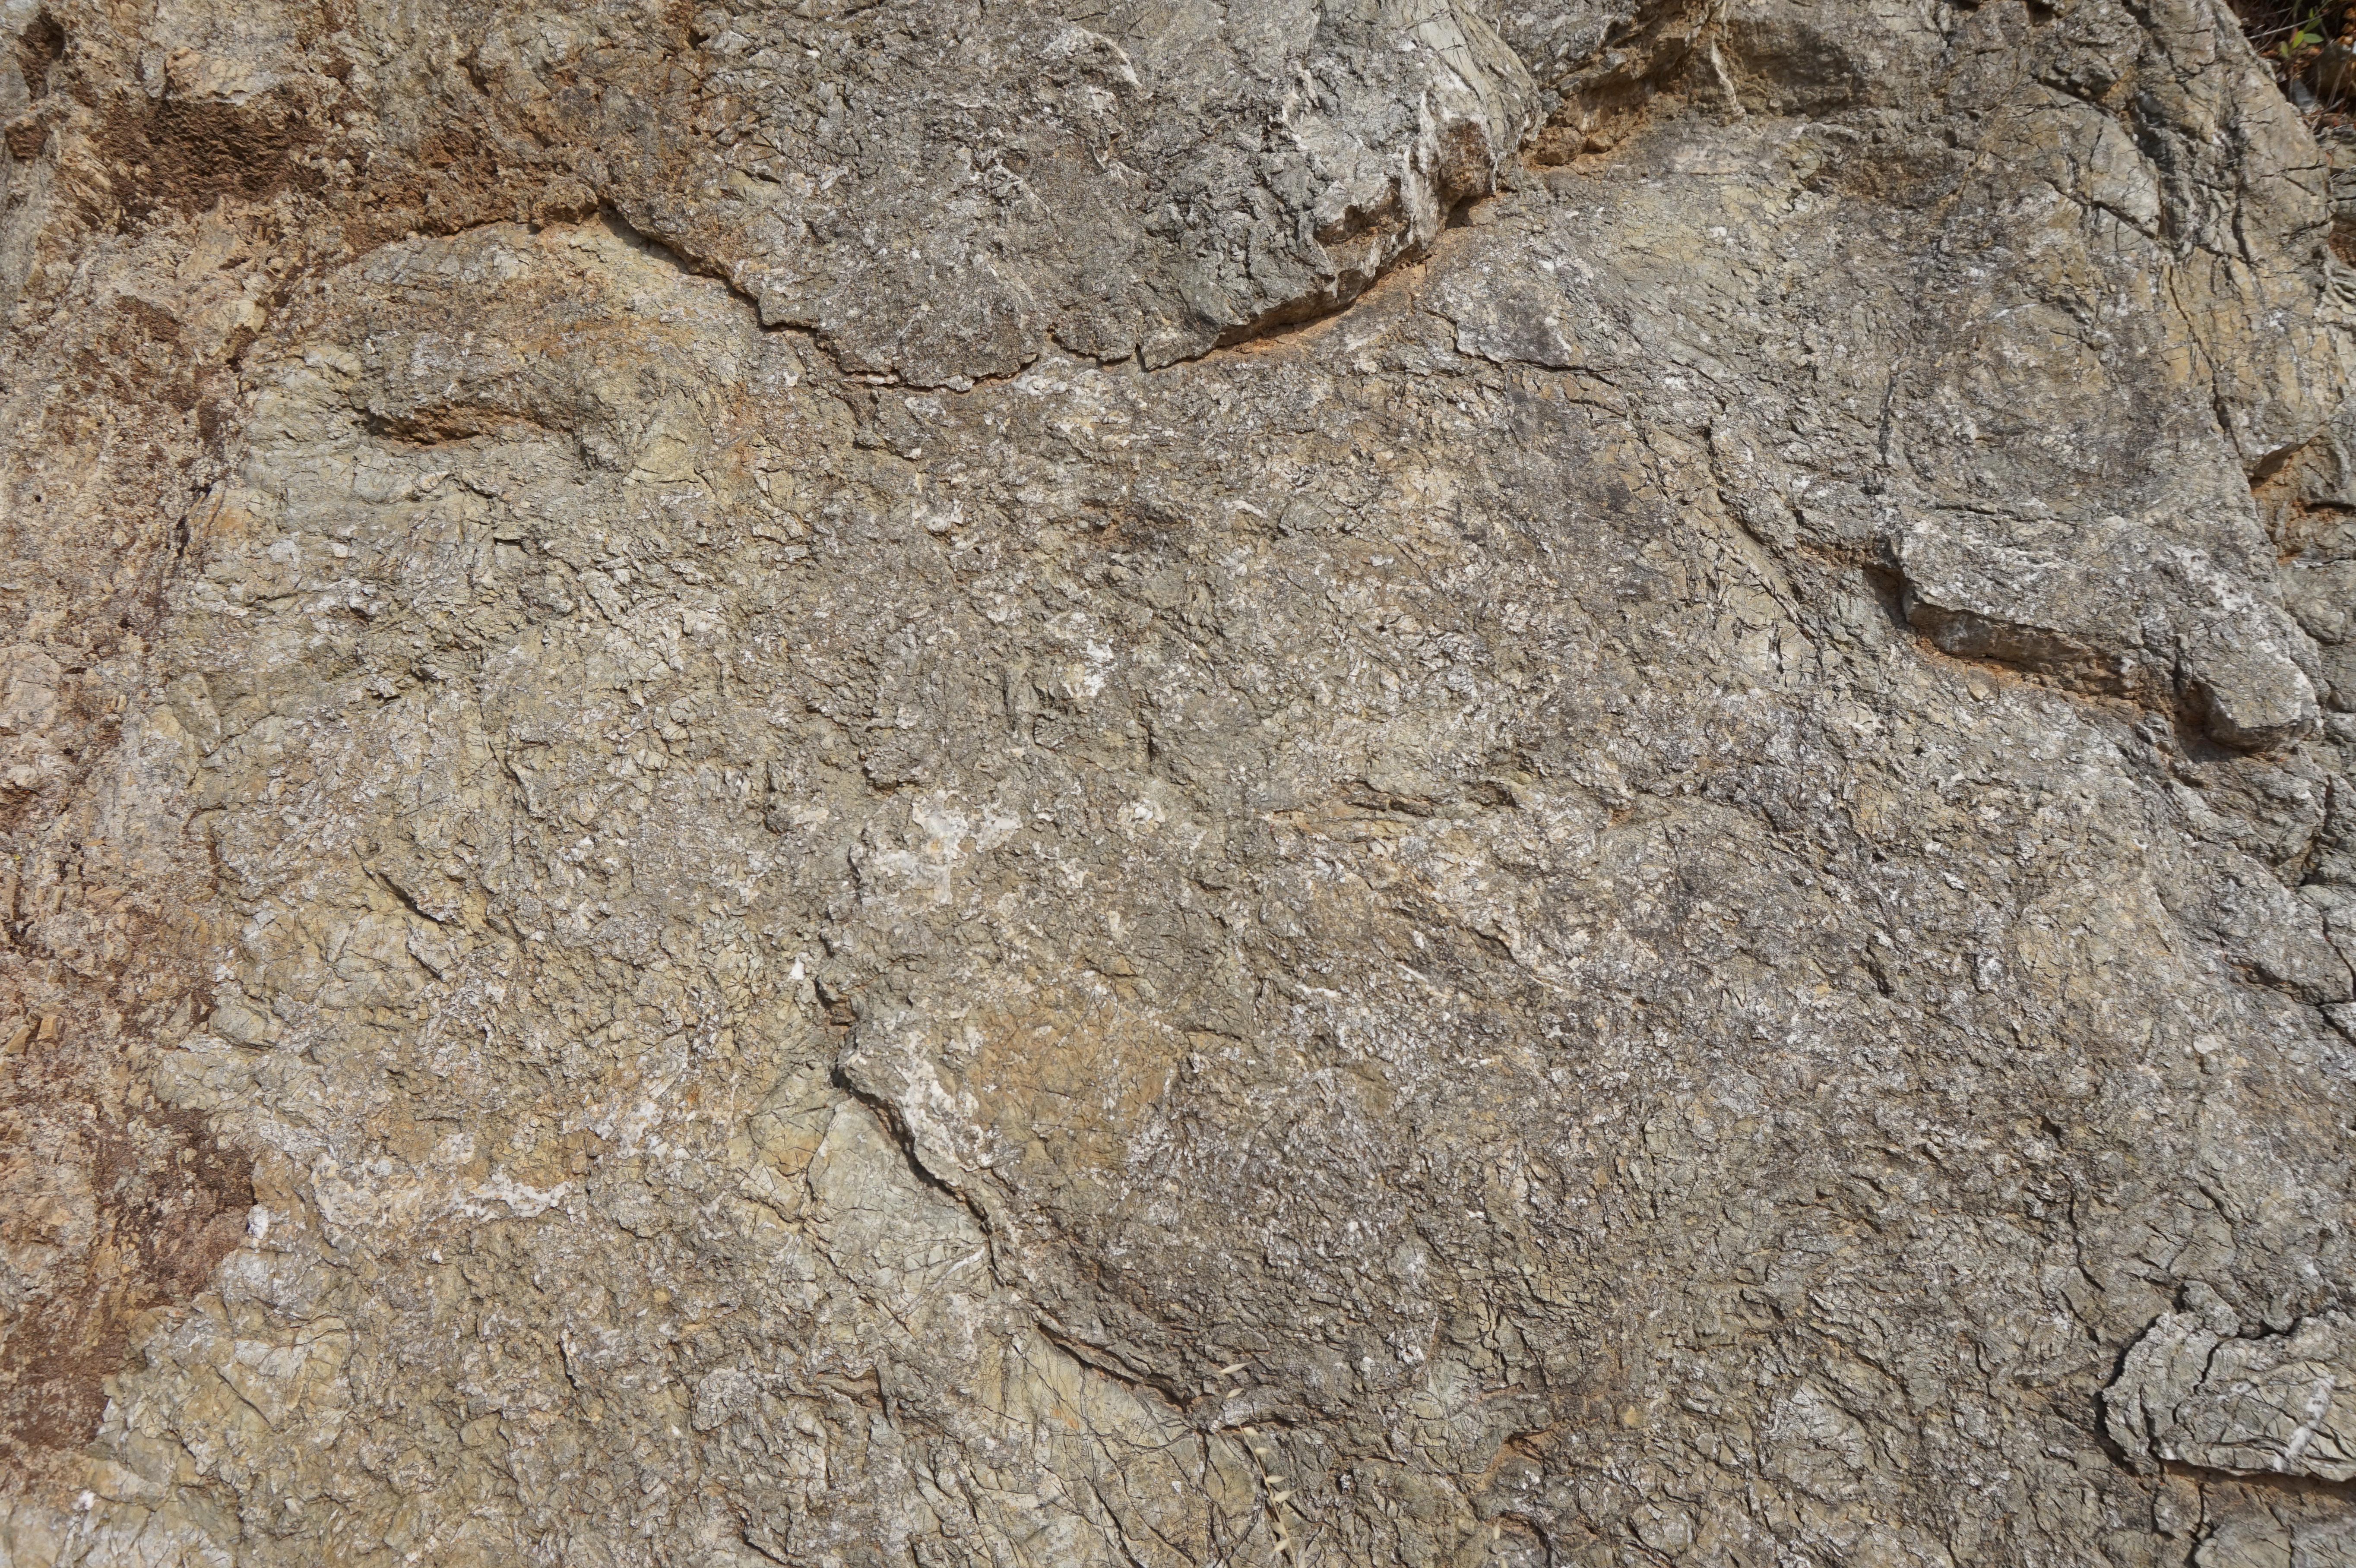 Mountain Rock-030 - Rocks - Texturify - Free textures